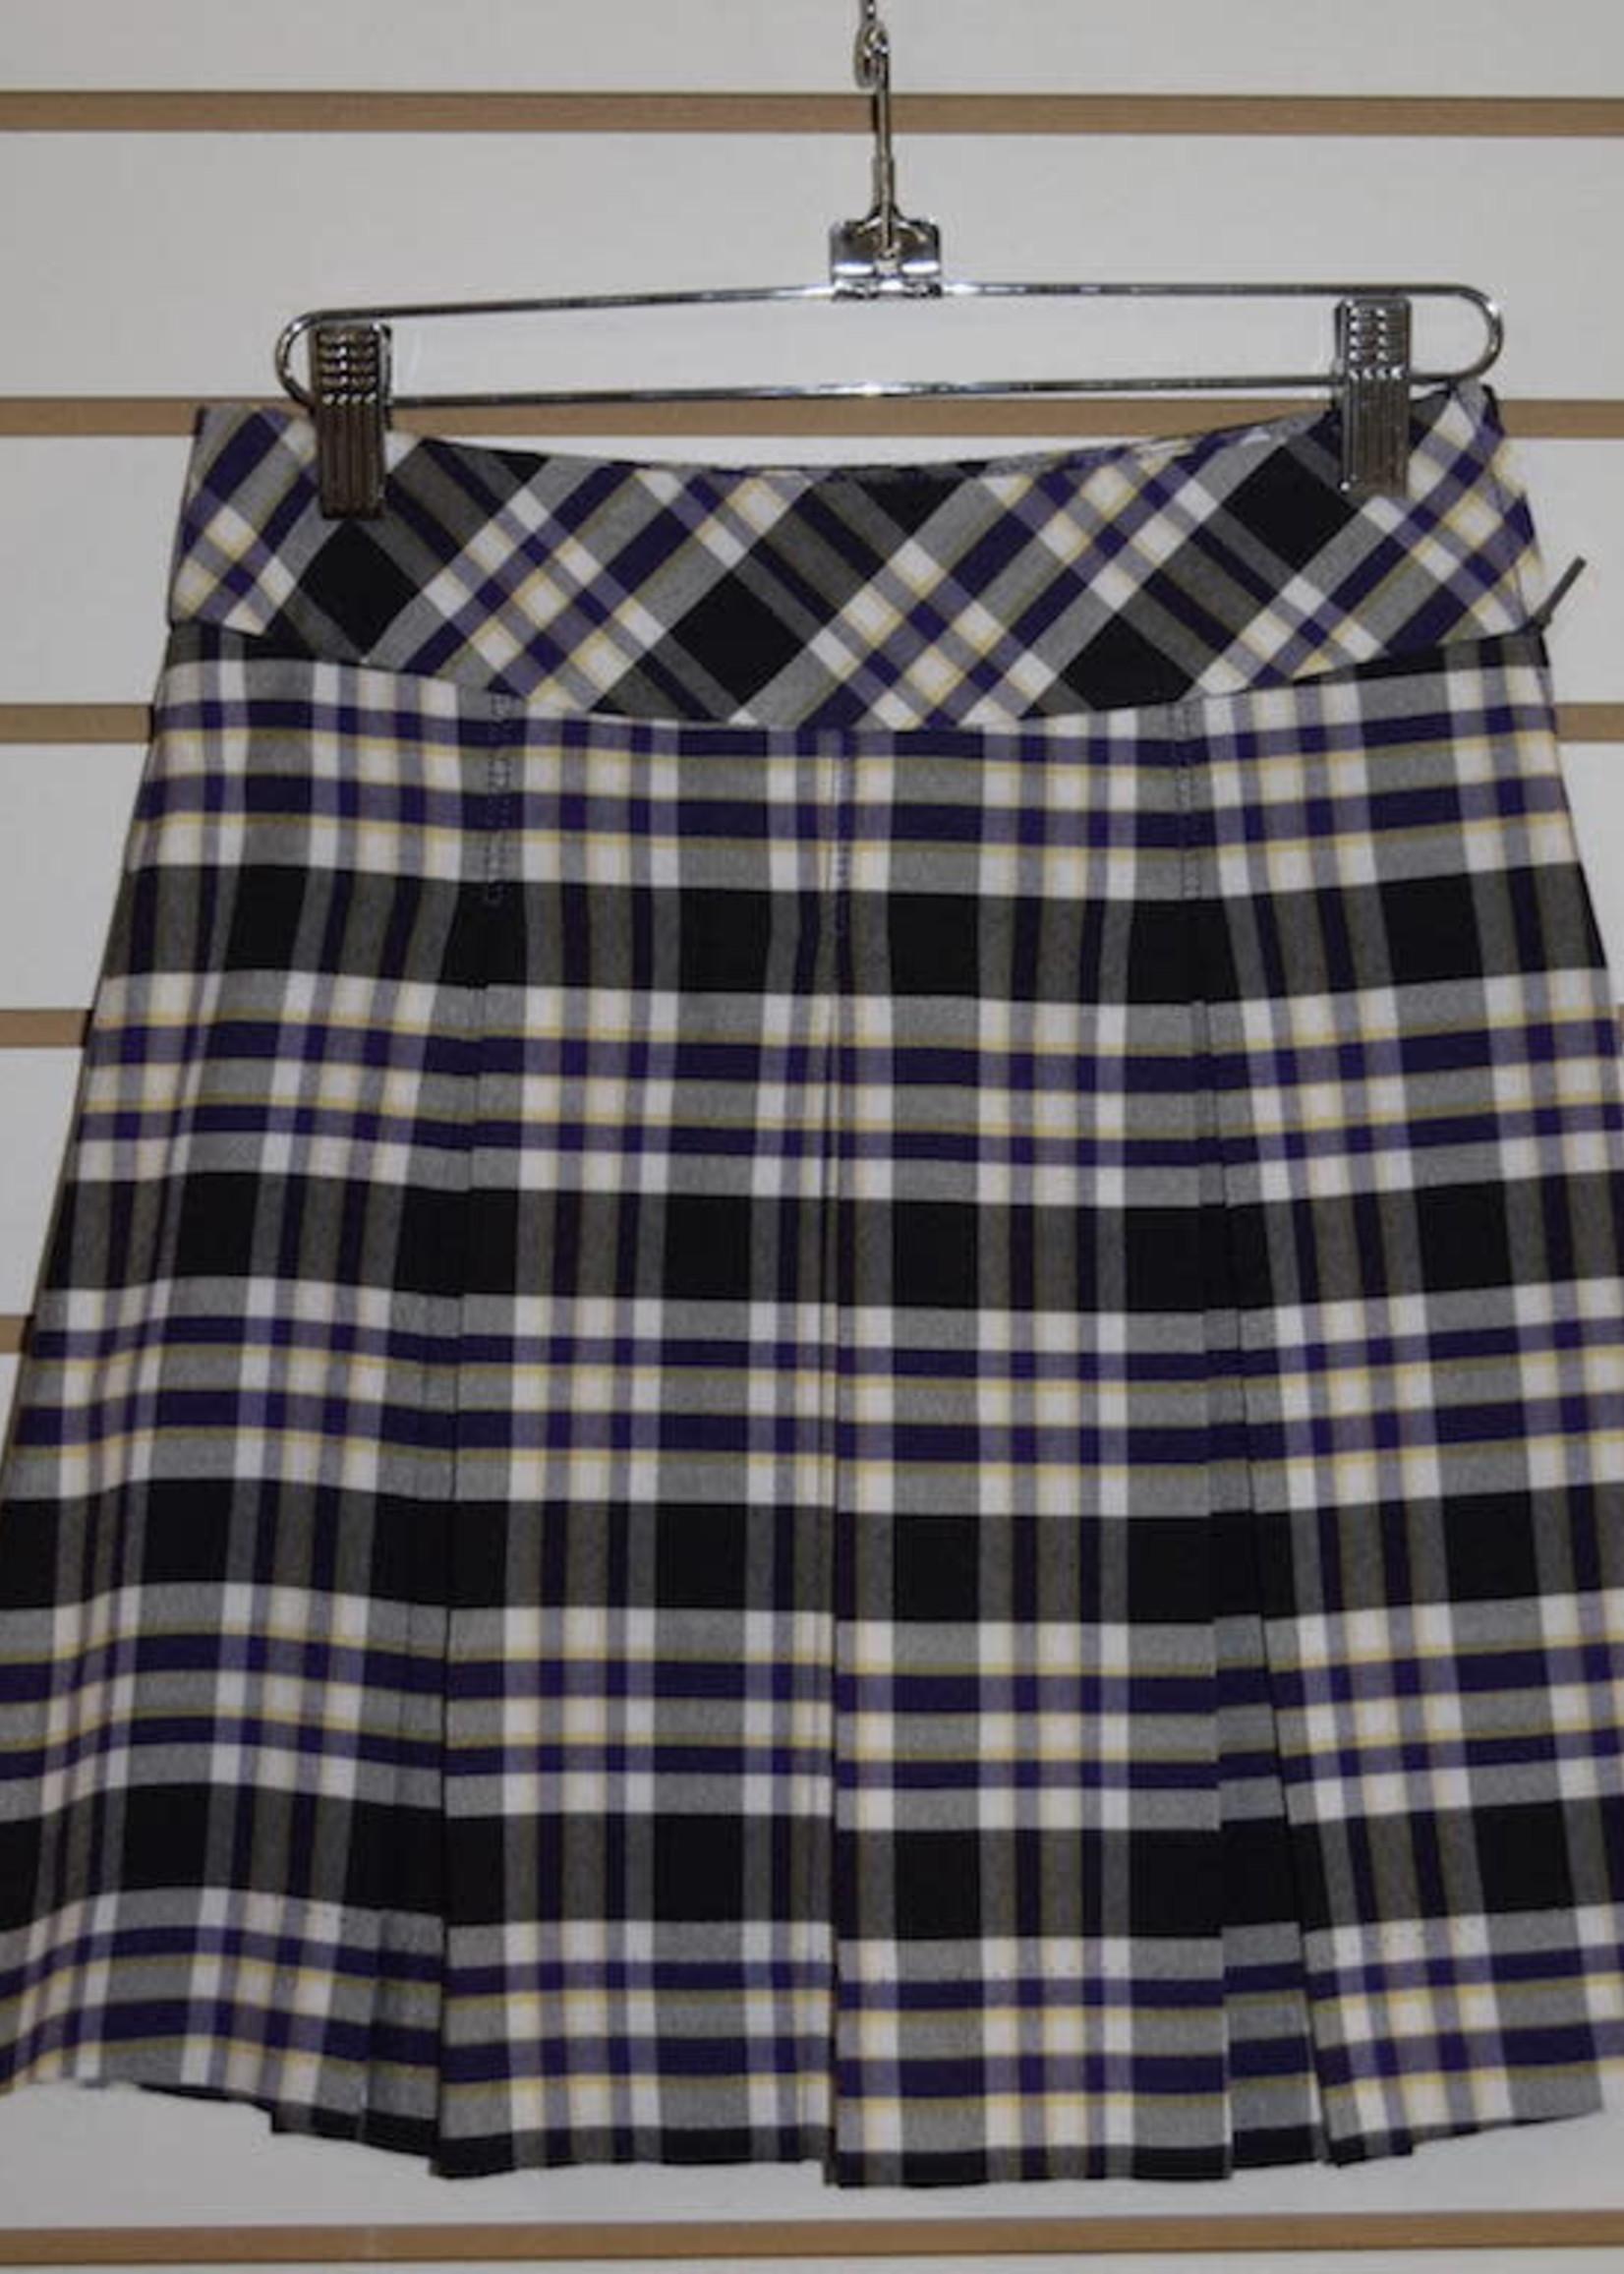 Rock Plaid Bias Band Skirt (P2M)